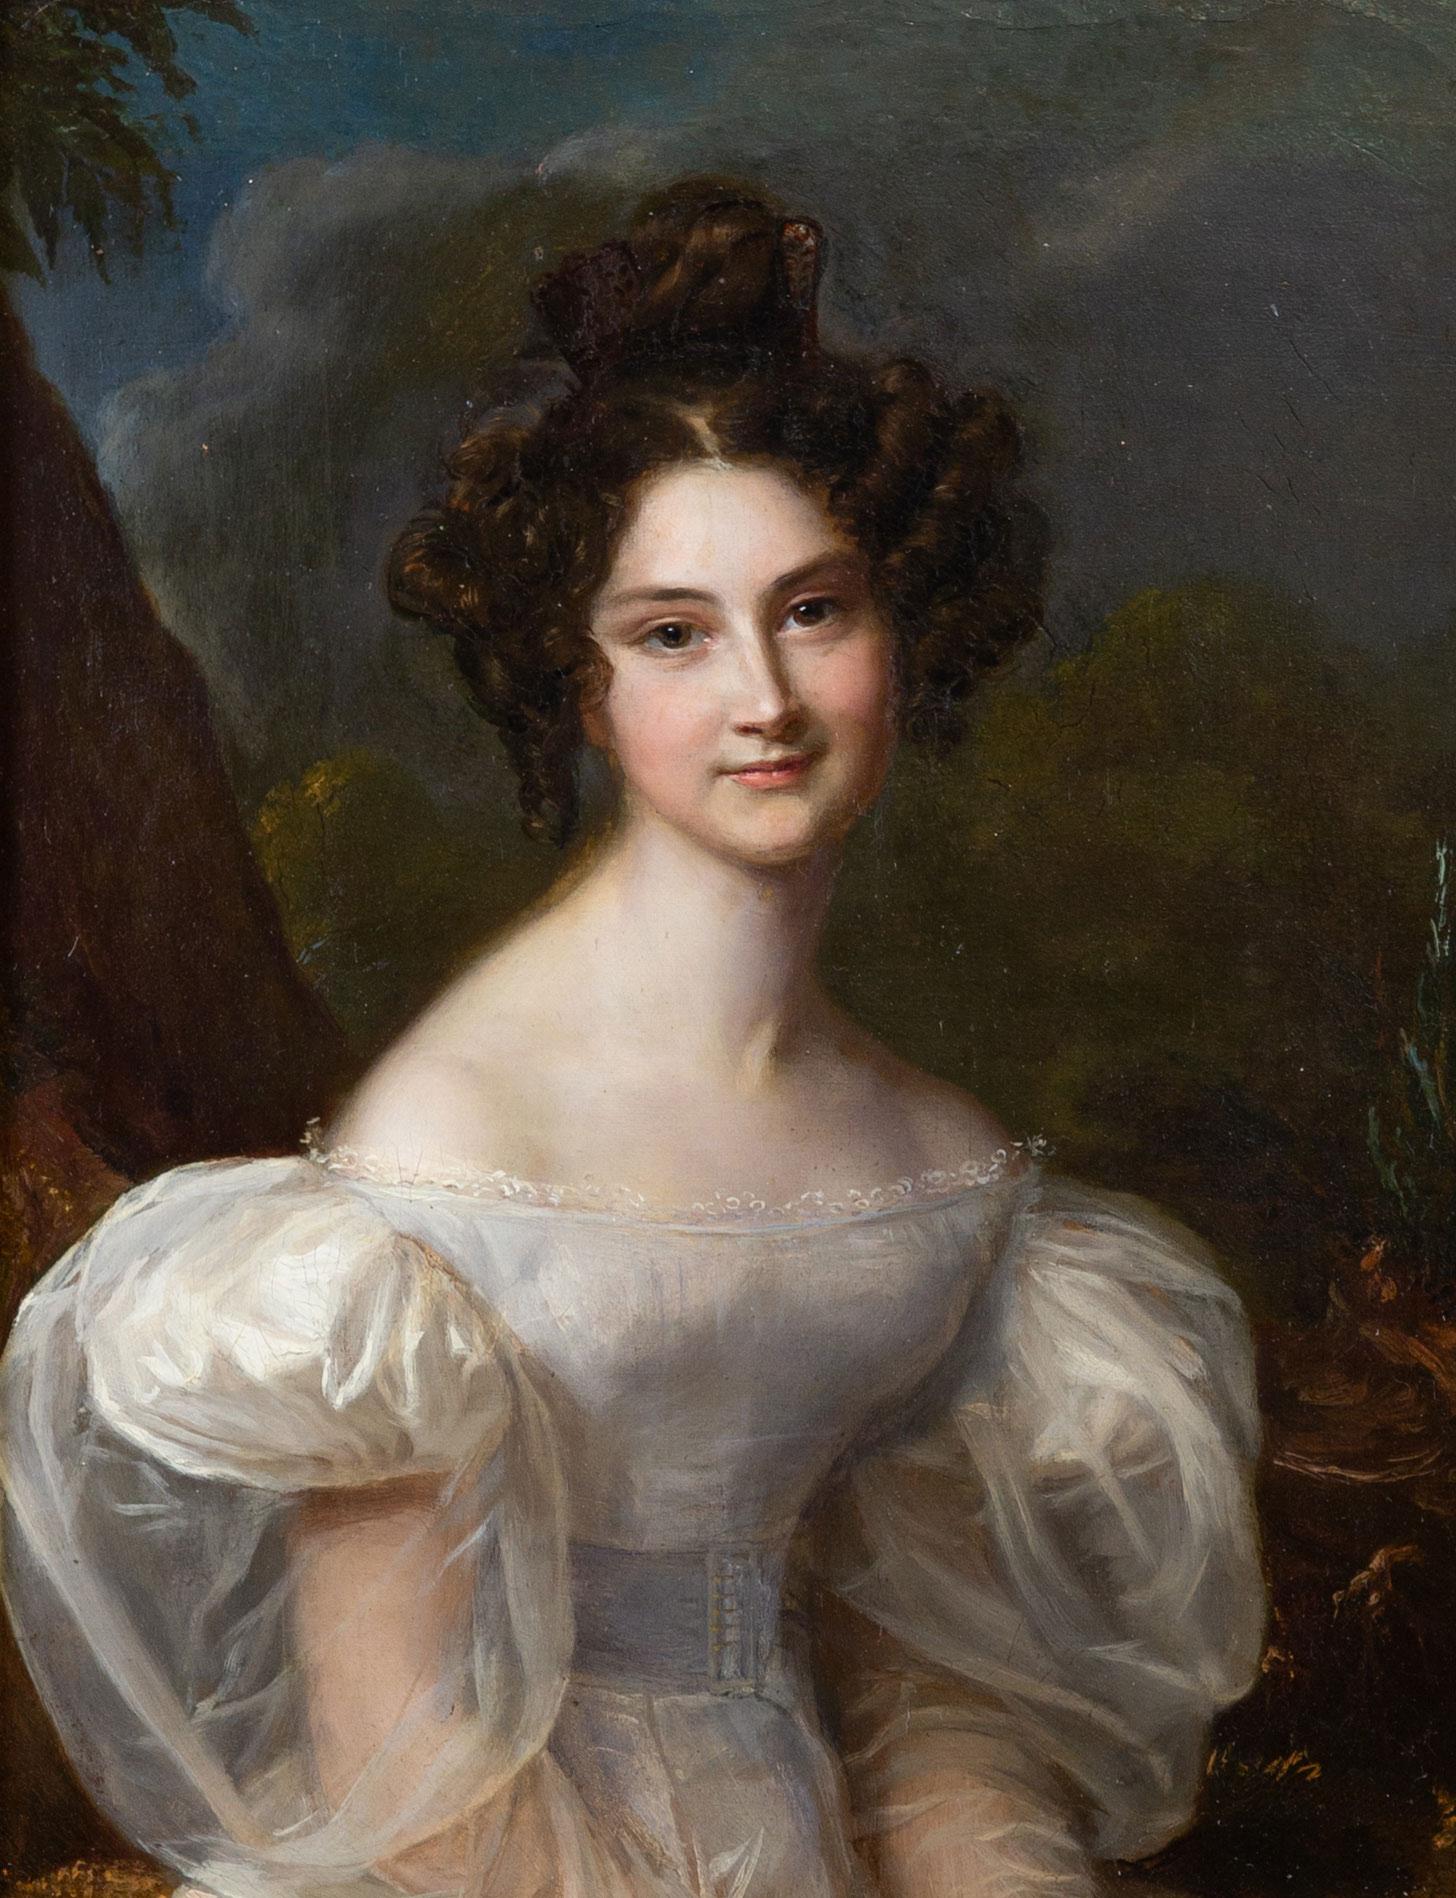 Portrait de dame dans un paysage, huile sur toile